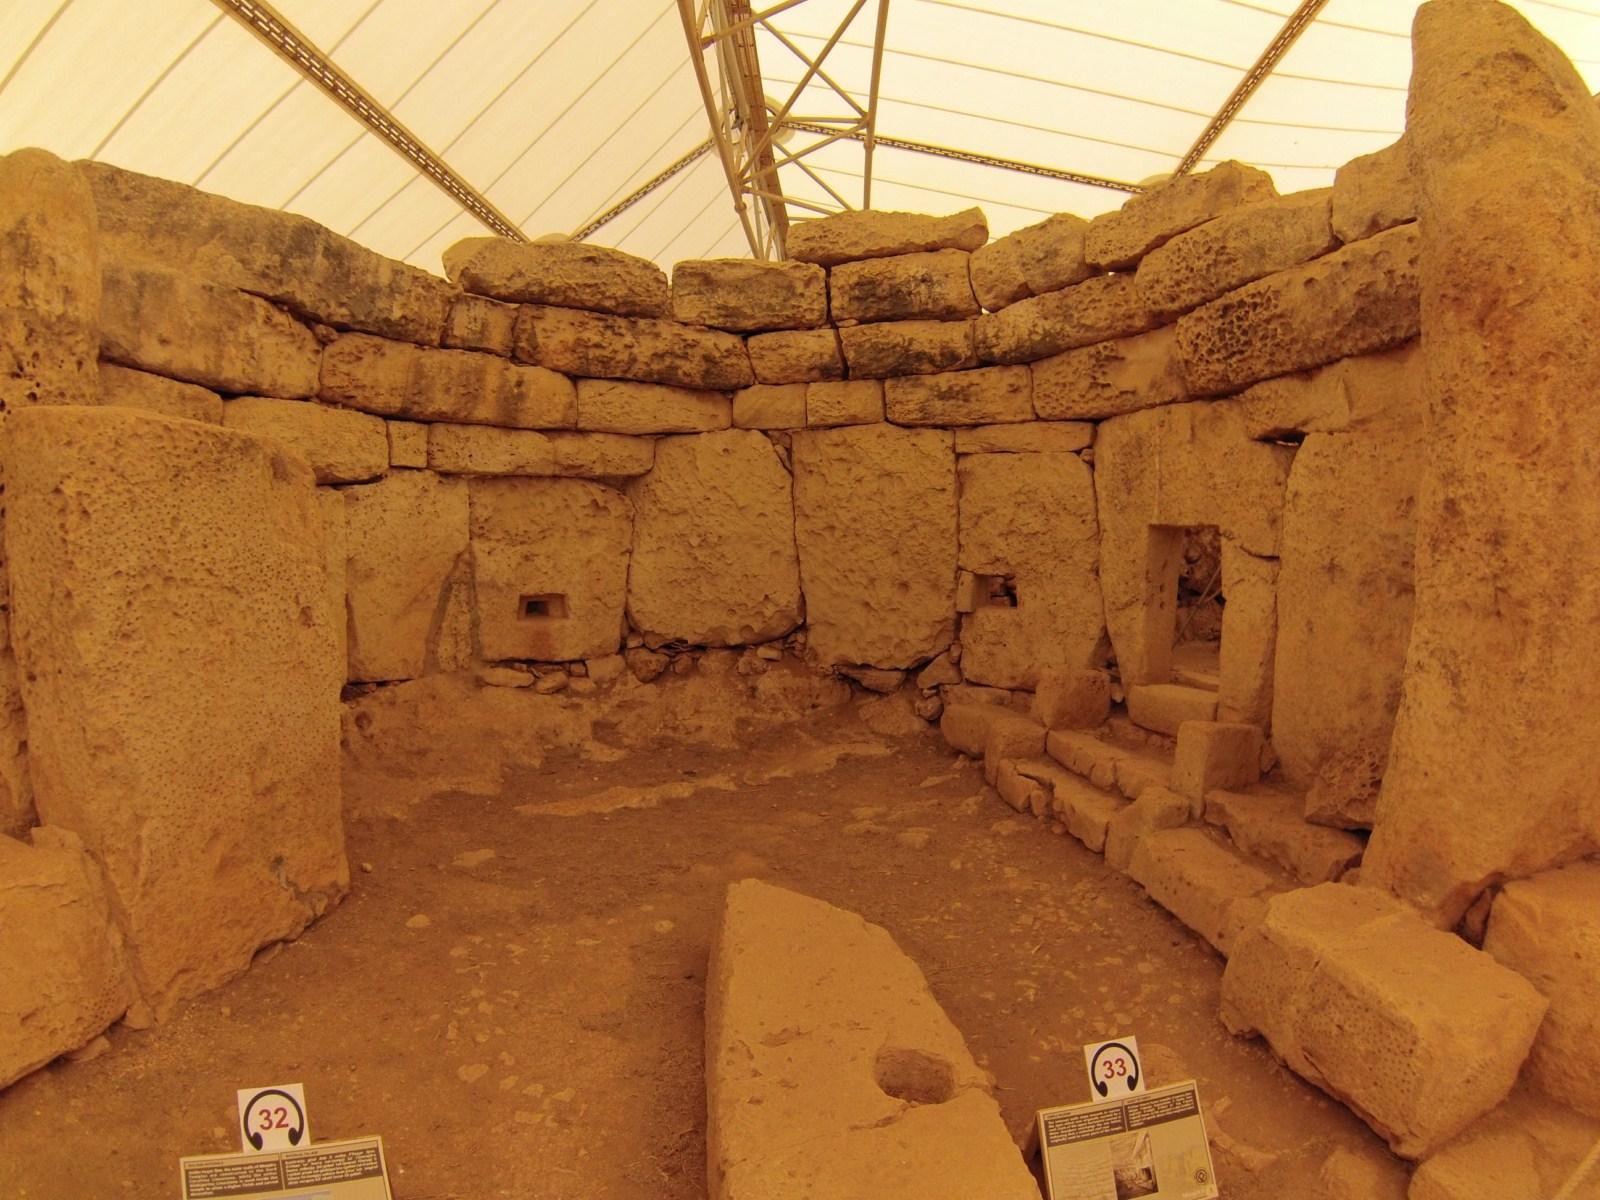 Templos de Hagar Qim y Mnajdra templos de hagar qim y mnajdra en malta - 9396296506 94f33b7b72 o - Templos de Hagar Qim y Mnajdra en Malta